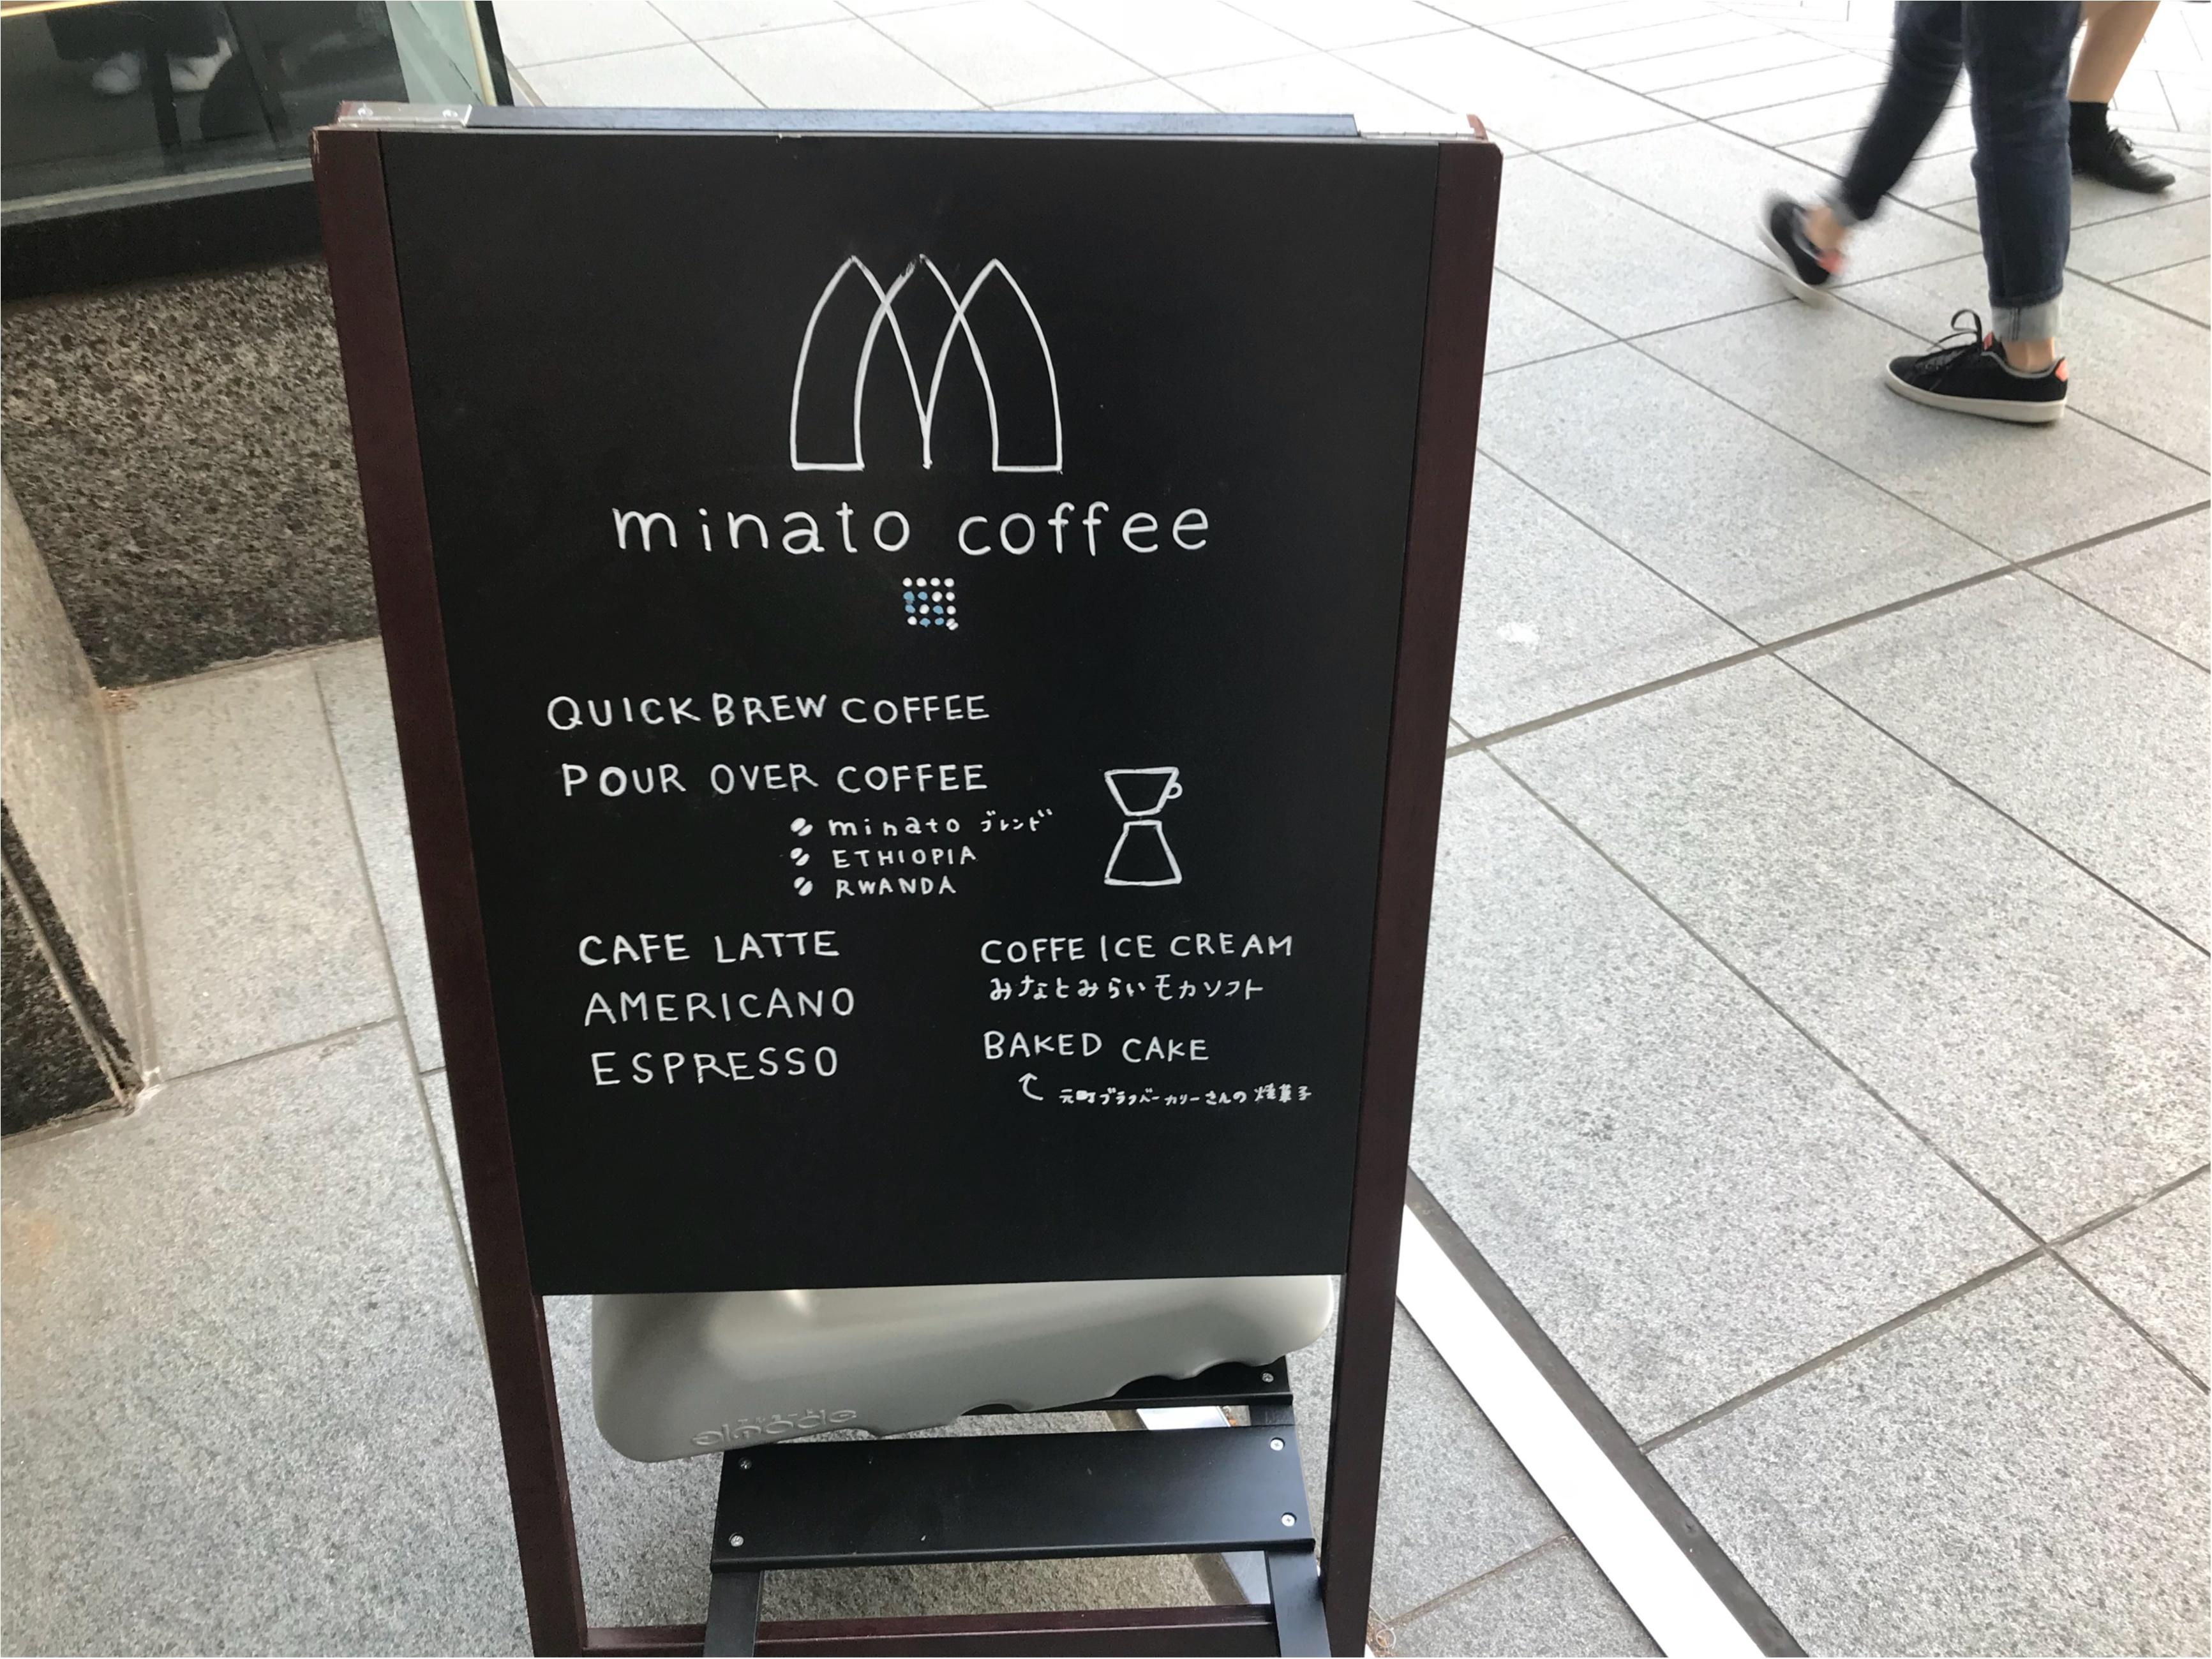 【横浜みなとみらい散策】一度はゼッタイ飲んで欲しい!おいしいコーヒーショップ教えちゃいます!_2